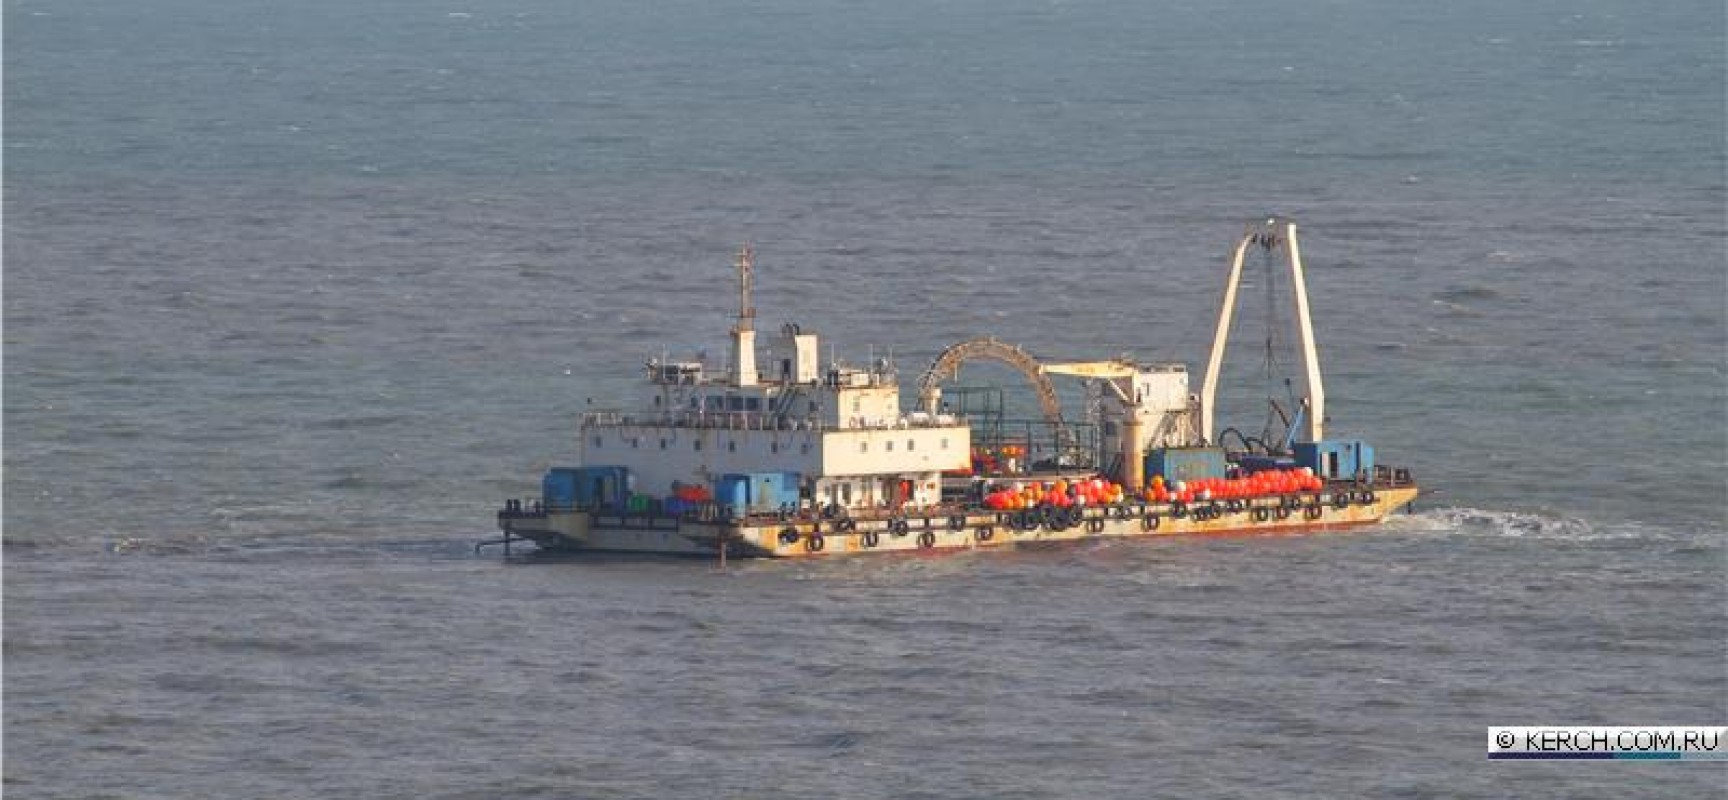 Китайский кабелеукладчик отправился на прокладку энергомоста в Крым